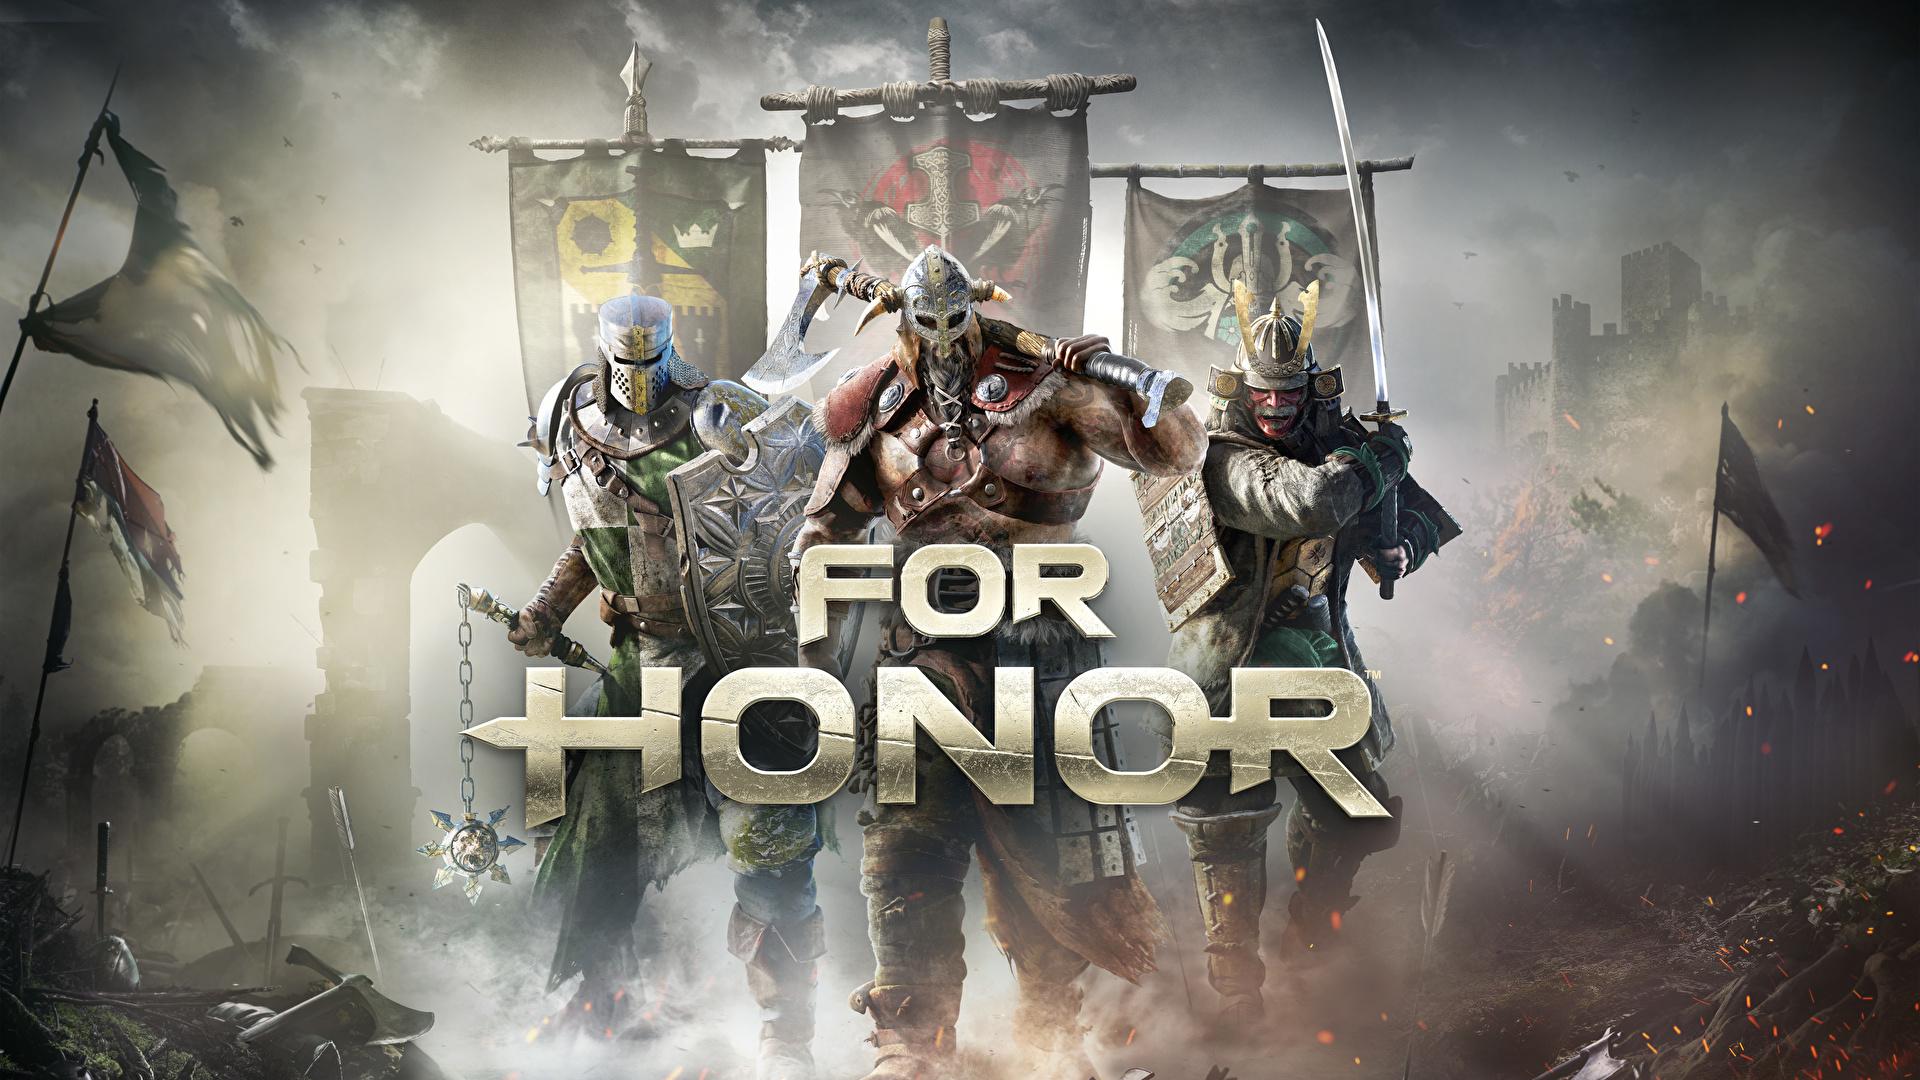 На E3 2018 о For Honor будет много новой информации